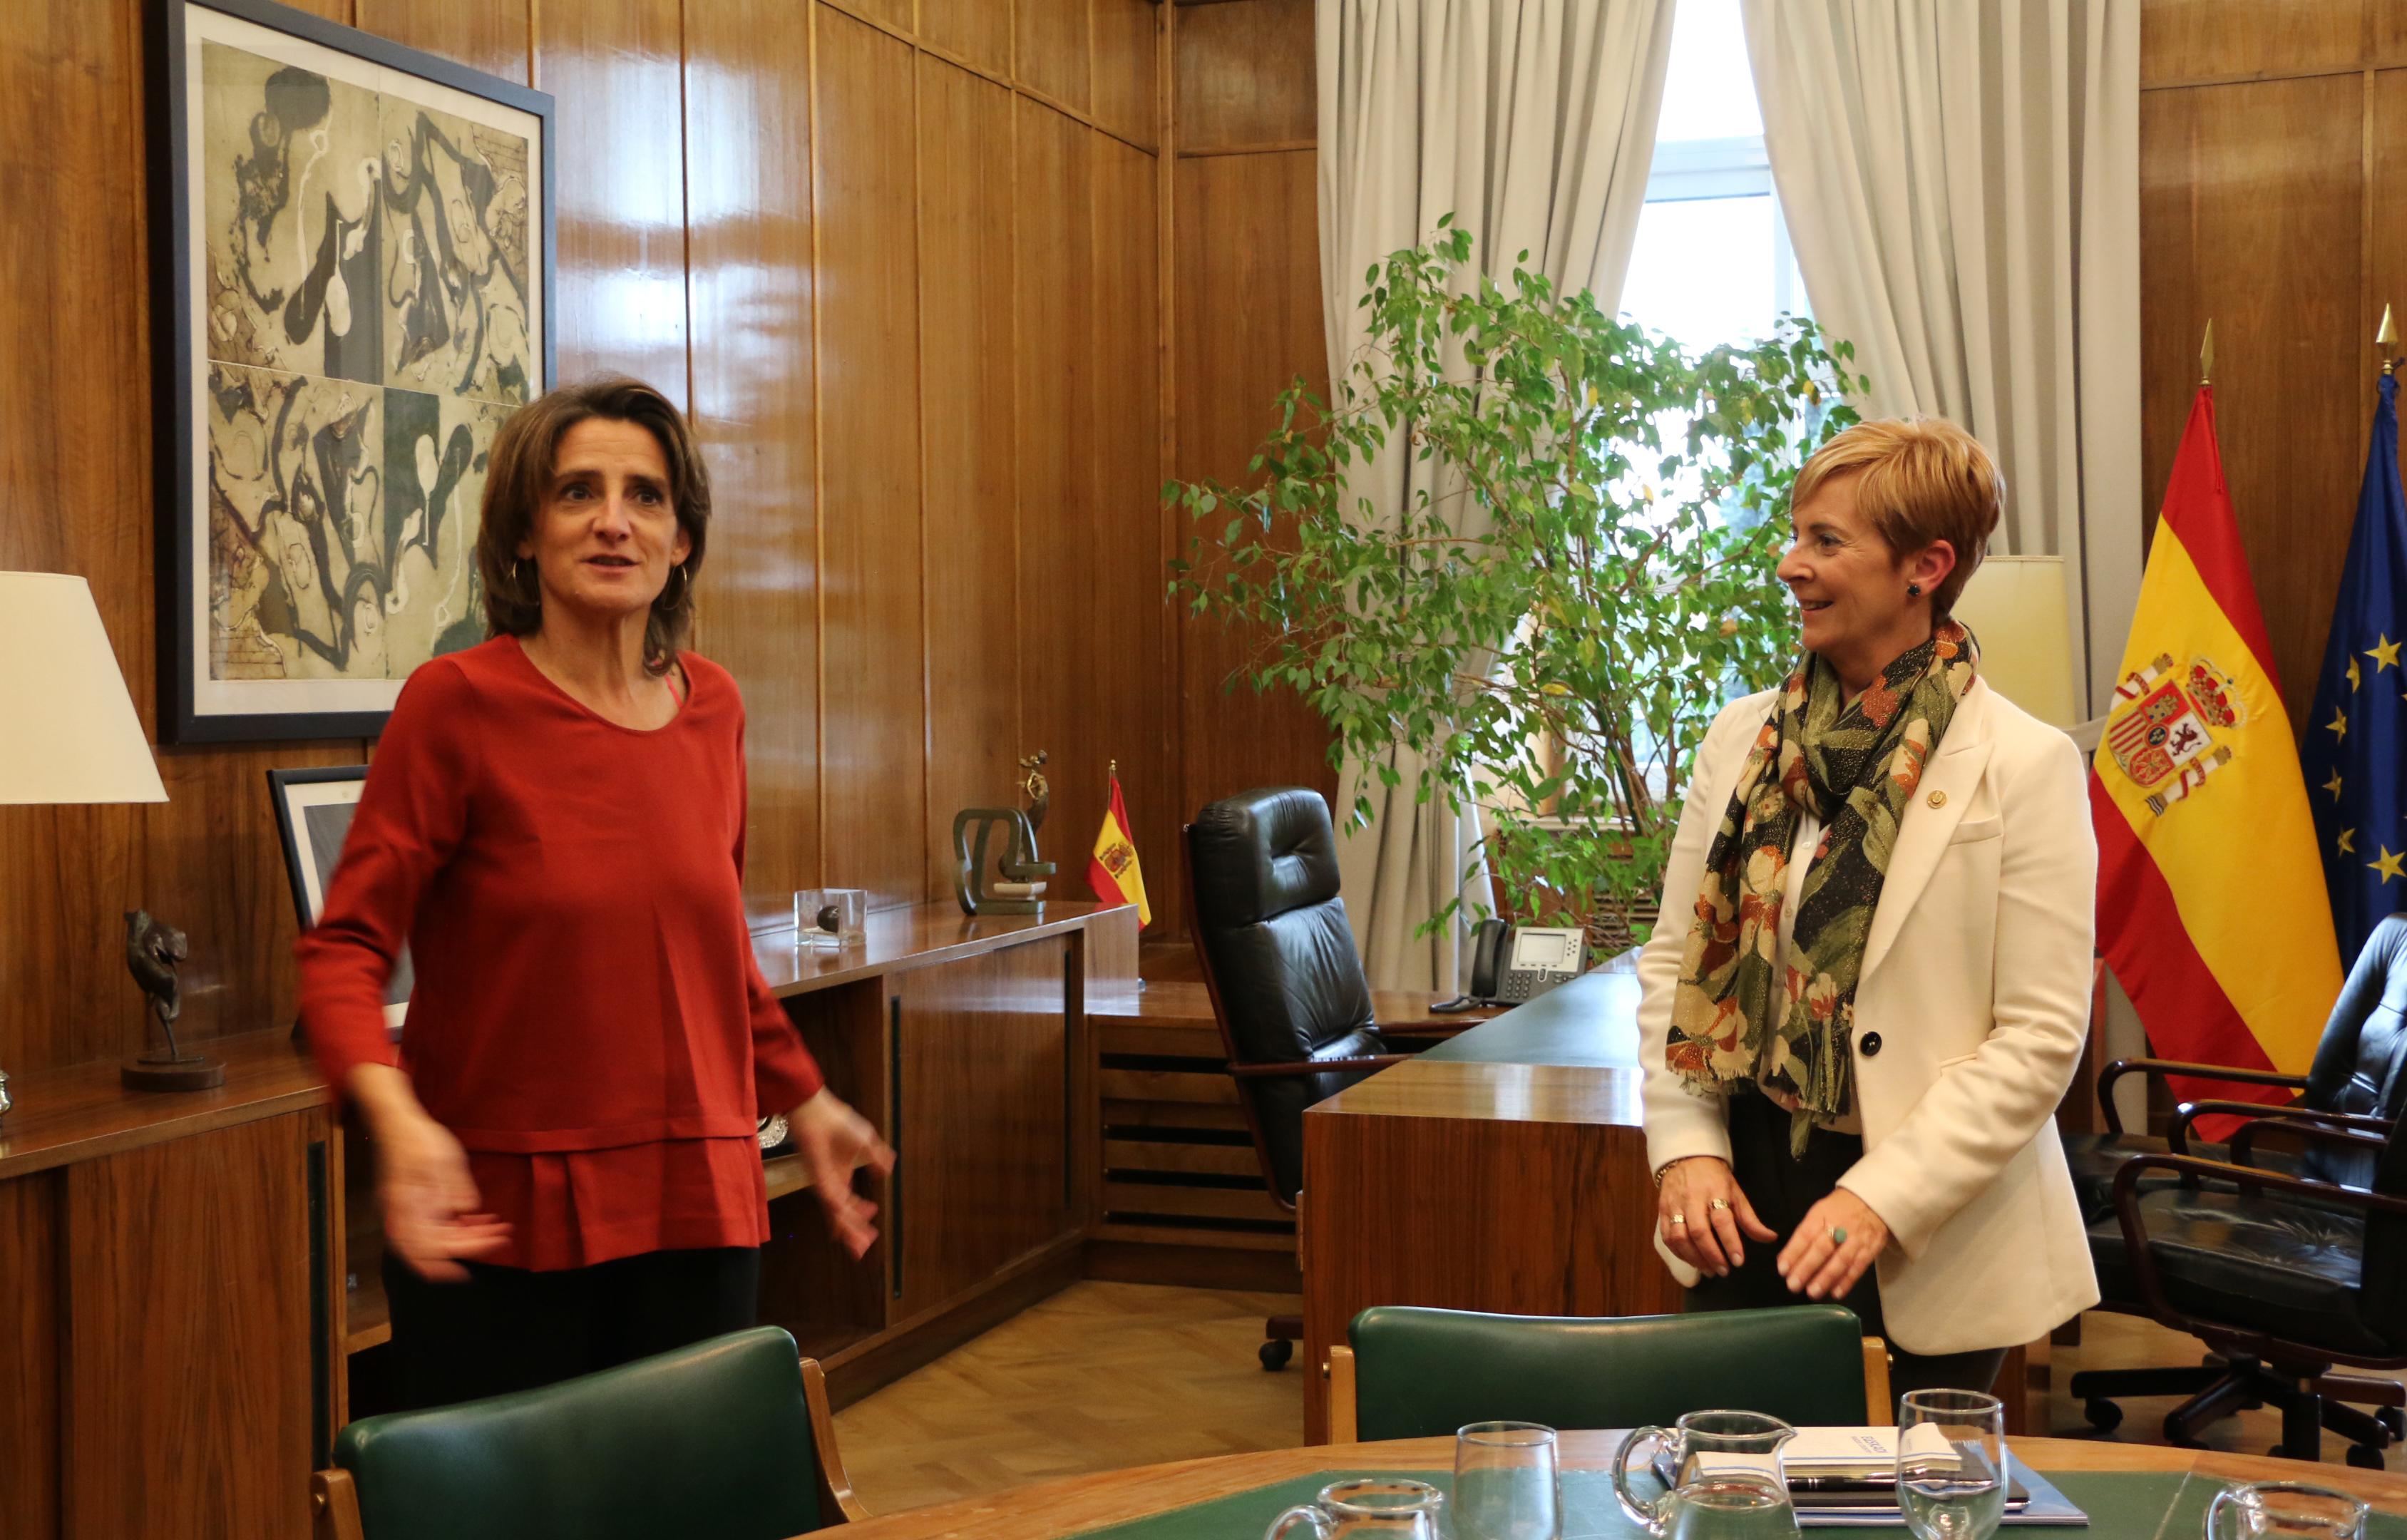 El Ministerio de Transición Ecológica se muestra receptivo a las propuestas del Gobierno Vasco